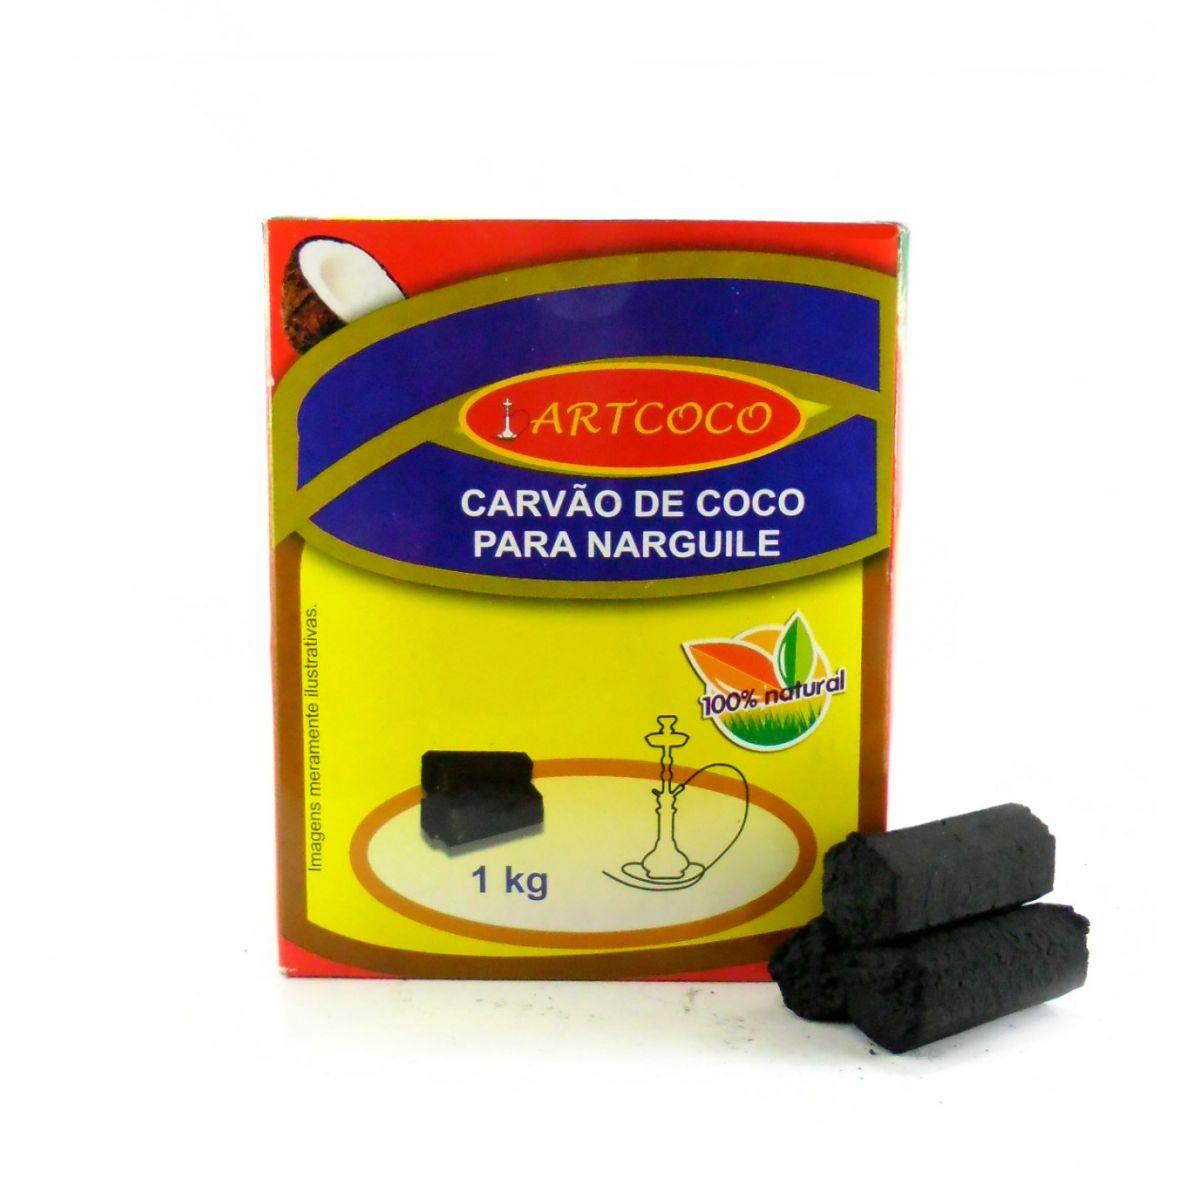 Carvão de coco para narguile e incenso Art Coco 1KG - caixa com 60 unidades hexagonais.